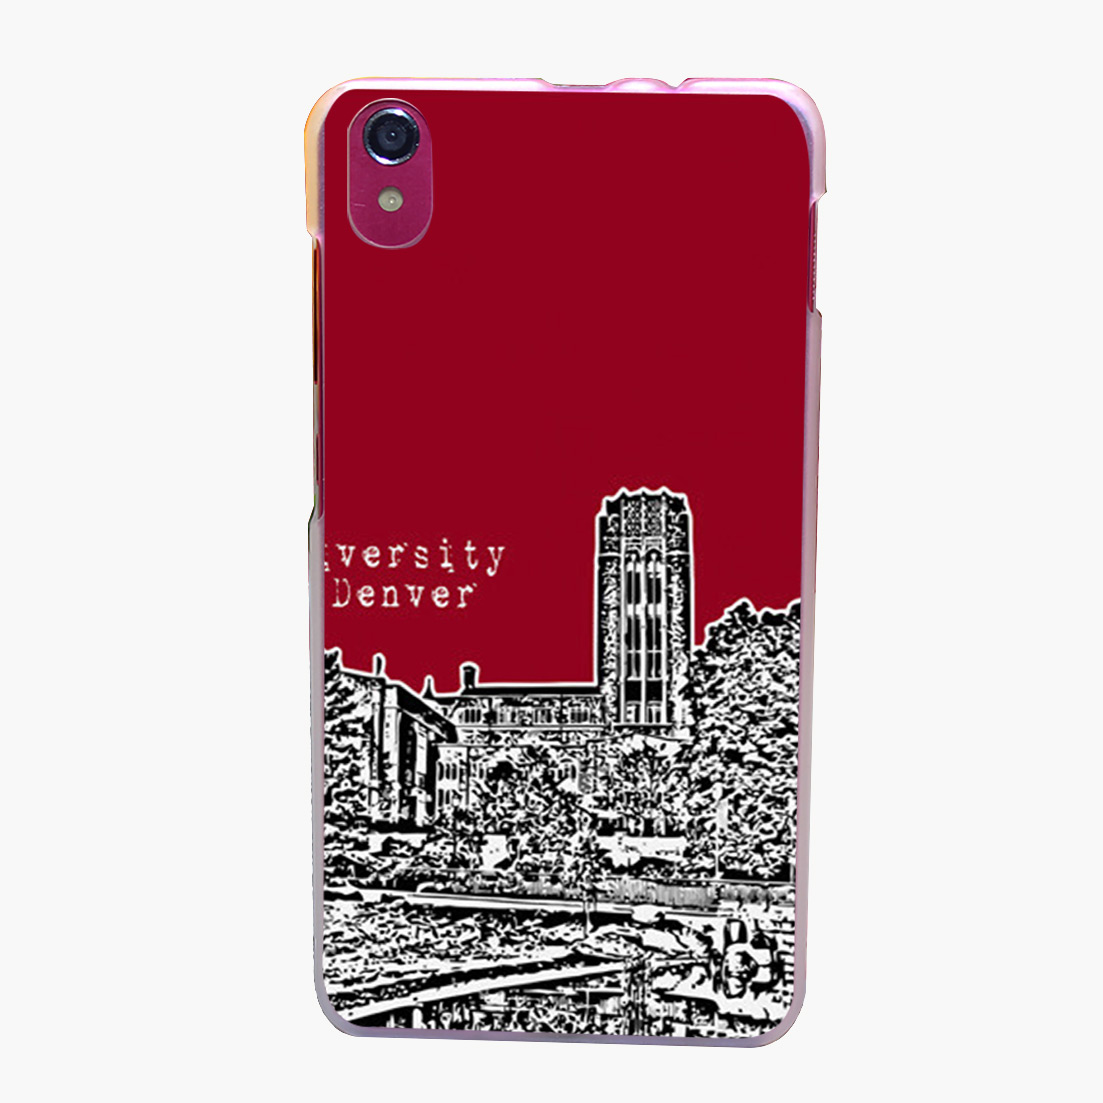 3242Gp University Of Denver Red Transparent Hard for Lenovo S850 S850T S60 S90 A563/A358T A328 A328T Case Cover(China (Mainland))